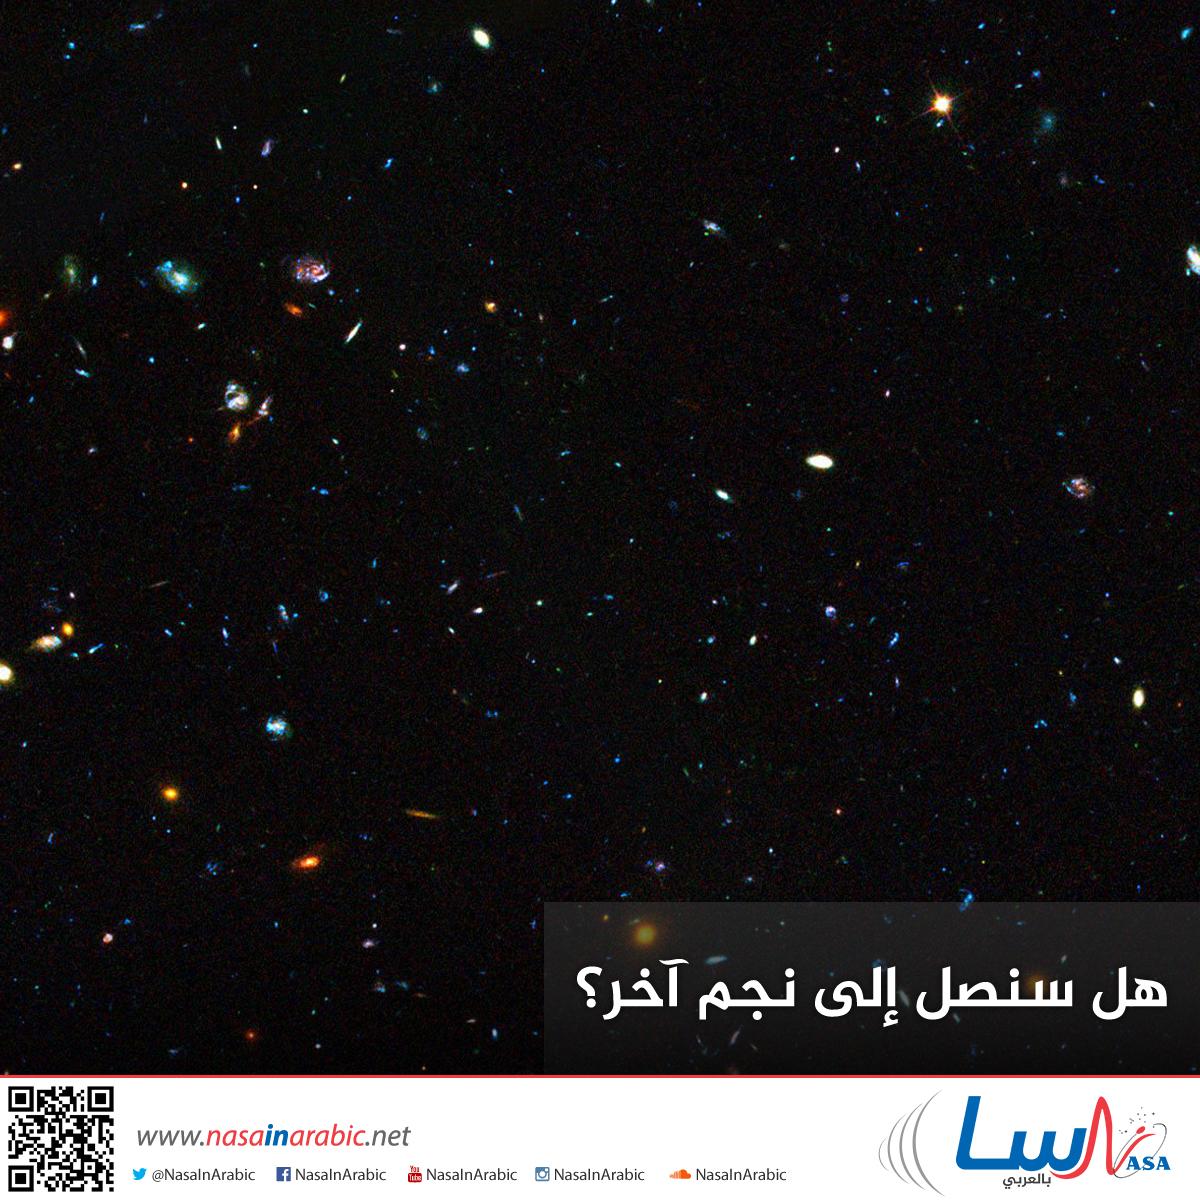 هل سنصل إلى نجم آخر؟